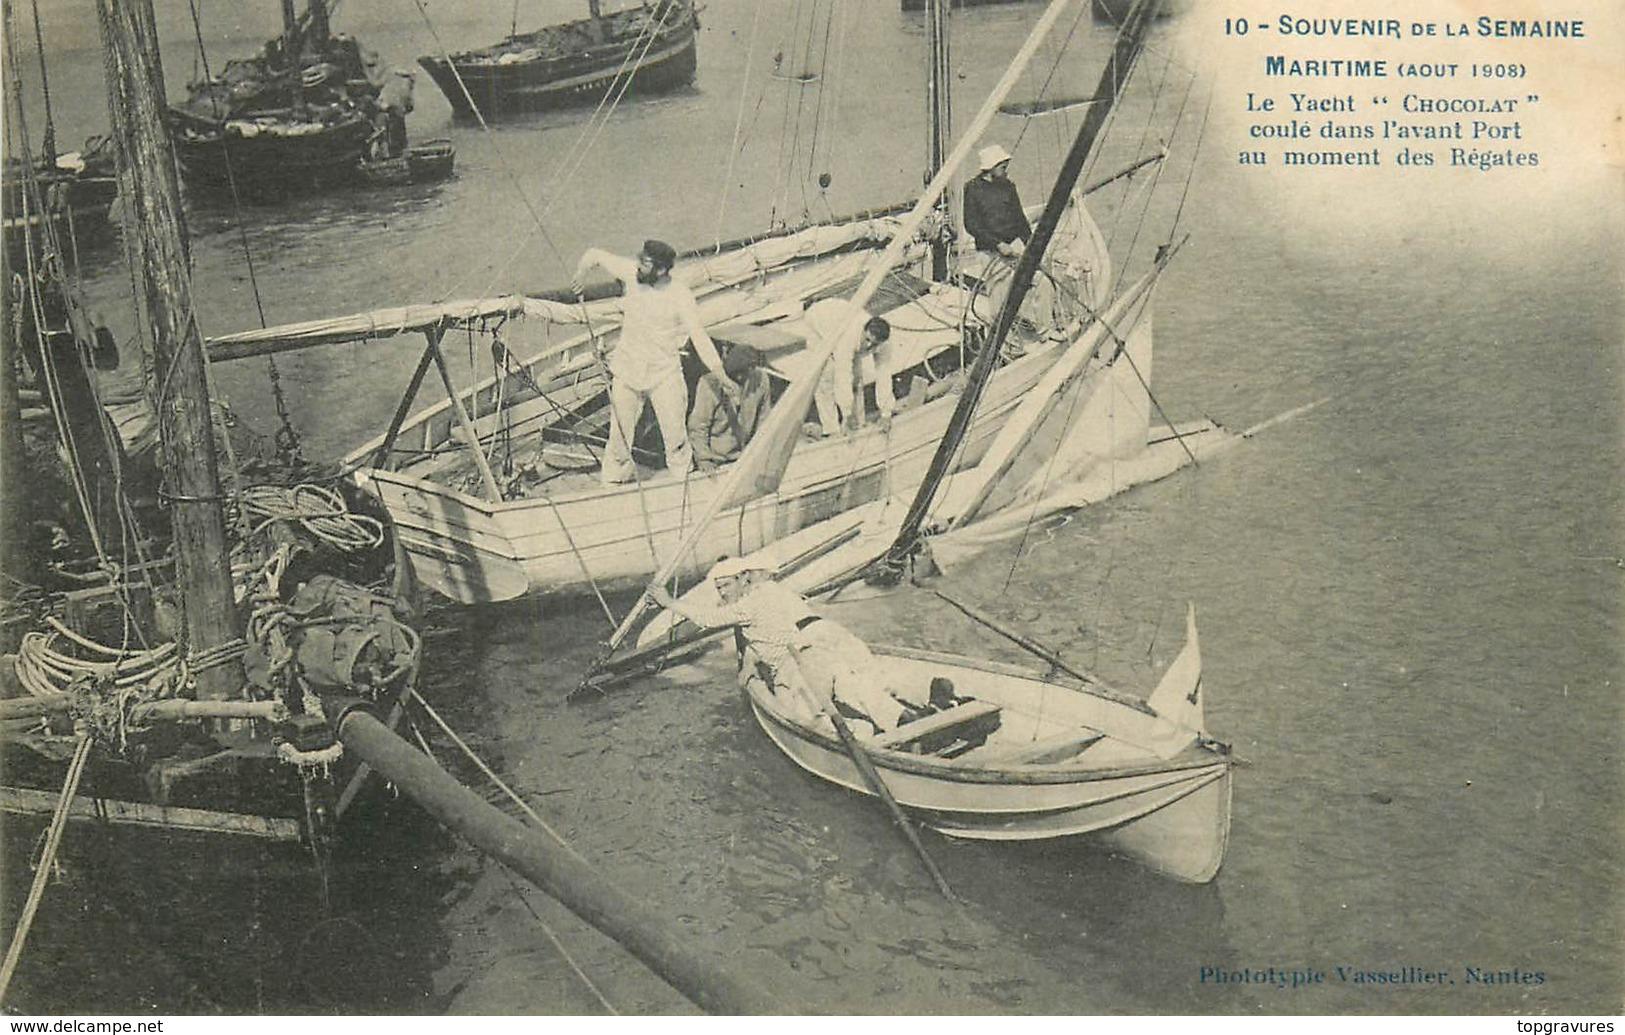 """Nantes-Souvenir De La Semaine Maritime-Le Yacht """"Chocolat"""" Coulé Dans L'avant Port Au Moment Des Régates - Nantes"""